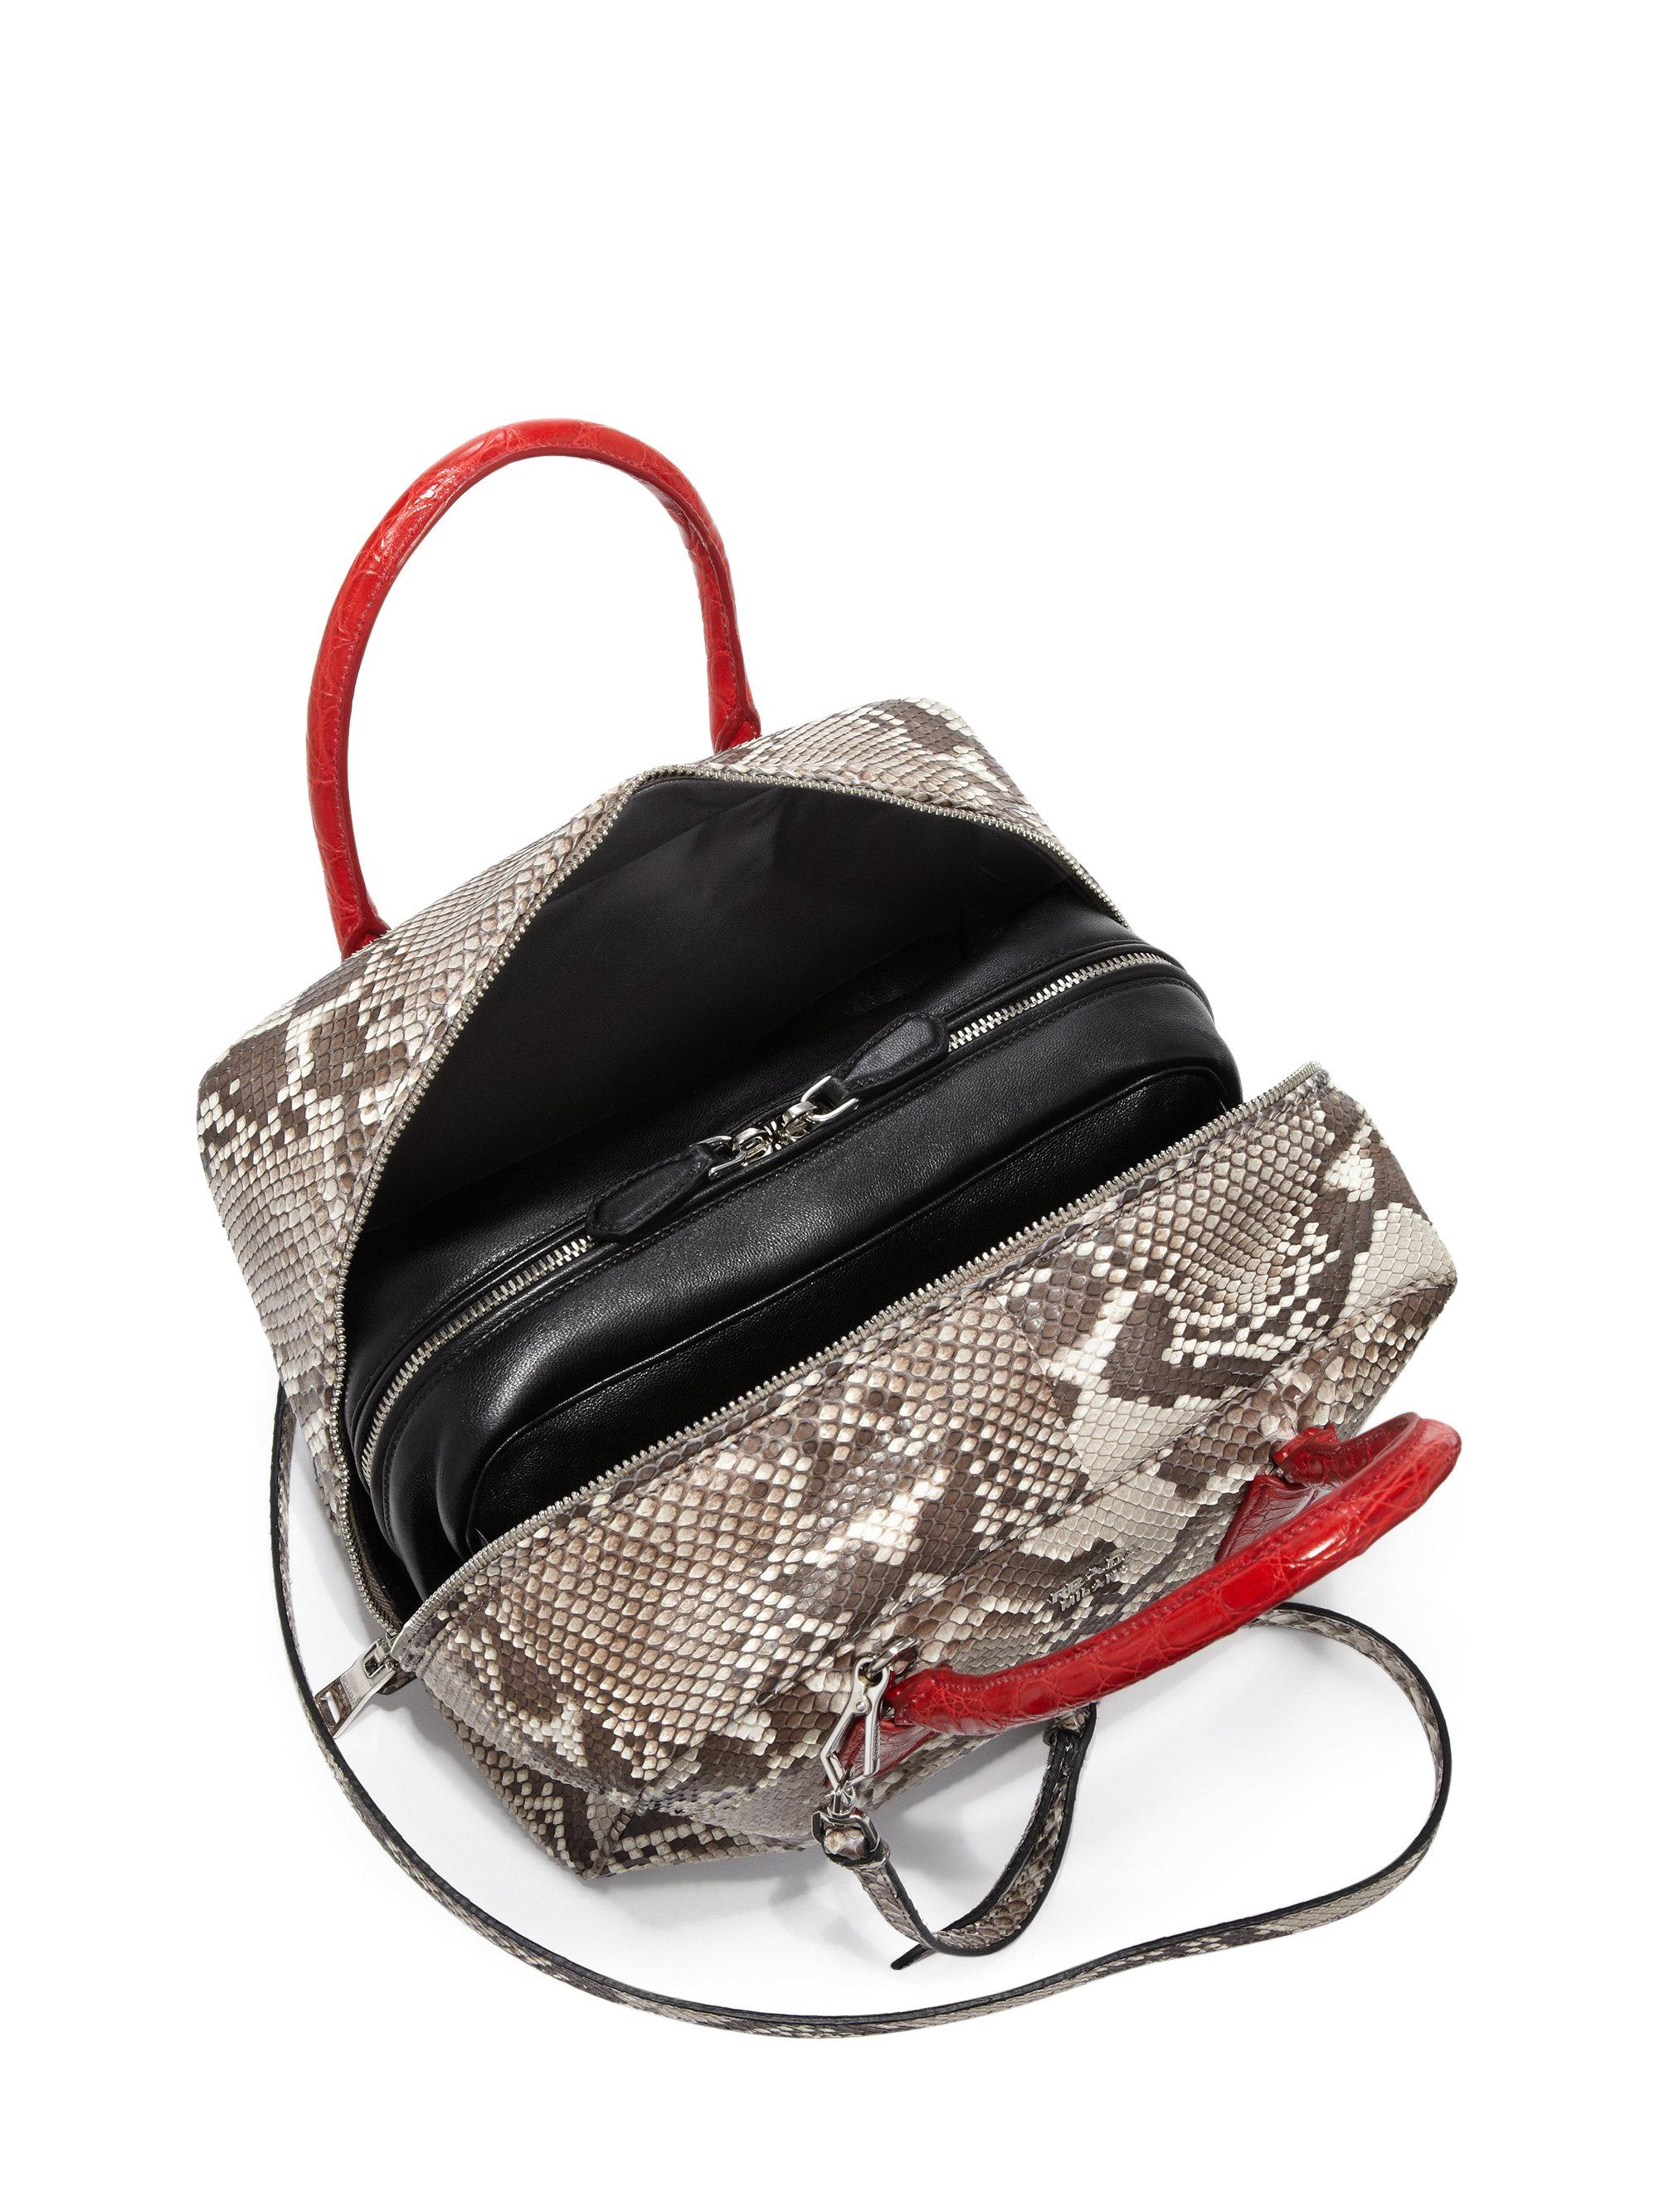 a1cb8dc81c denmark prada brown leather bag 09fb8 738fe  sweden lyst prada python  crocodile inside bag in red 9e3fc 5b9f5